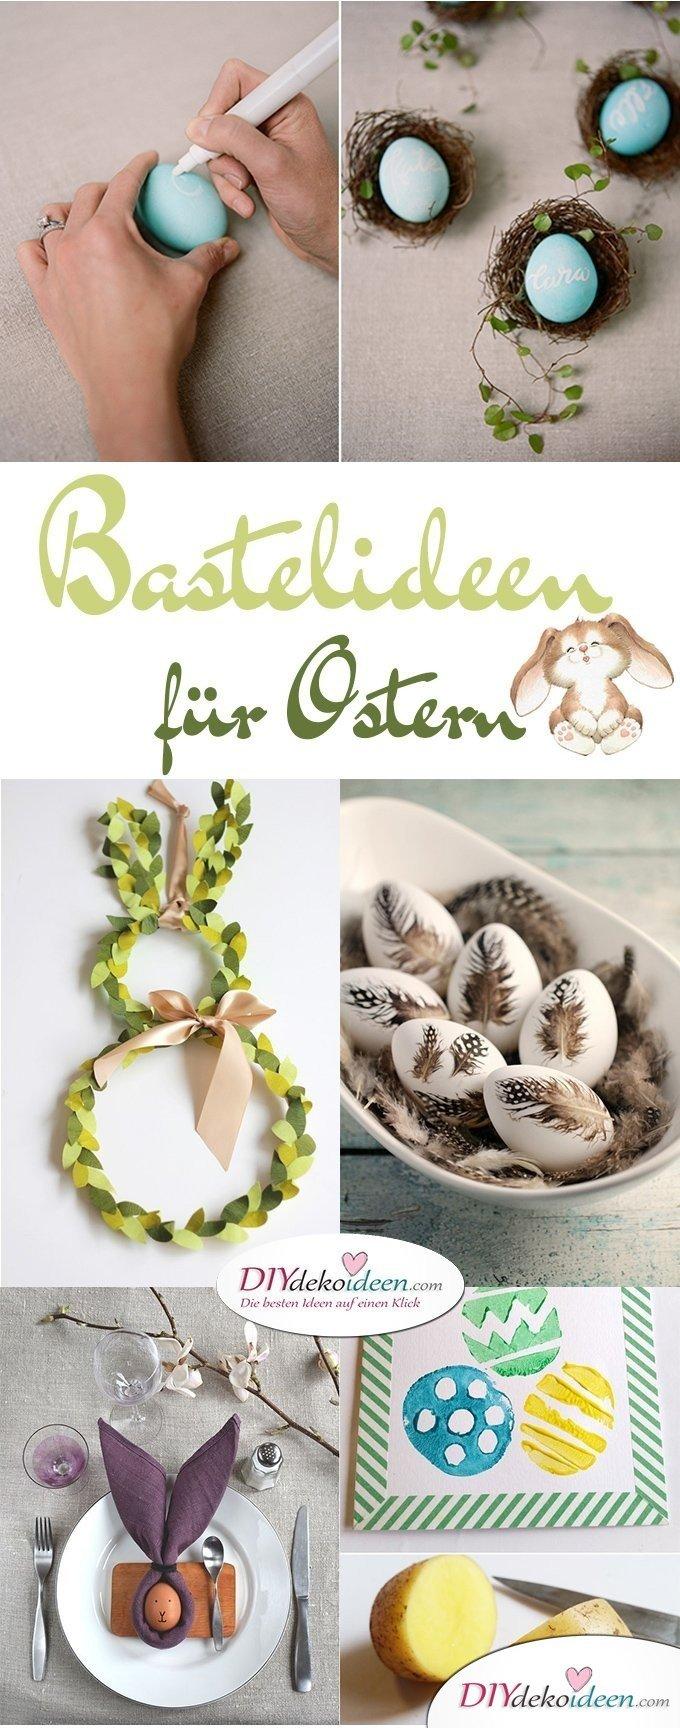 DIY Bastelideen für Ostern, Ostern basteln, Oster Bastelidee, Oster Deko, Osterdeko, Dekoideen Ostern, Bastelideen Ostern